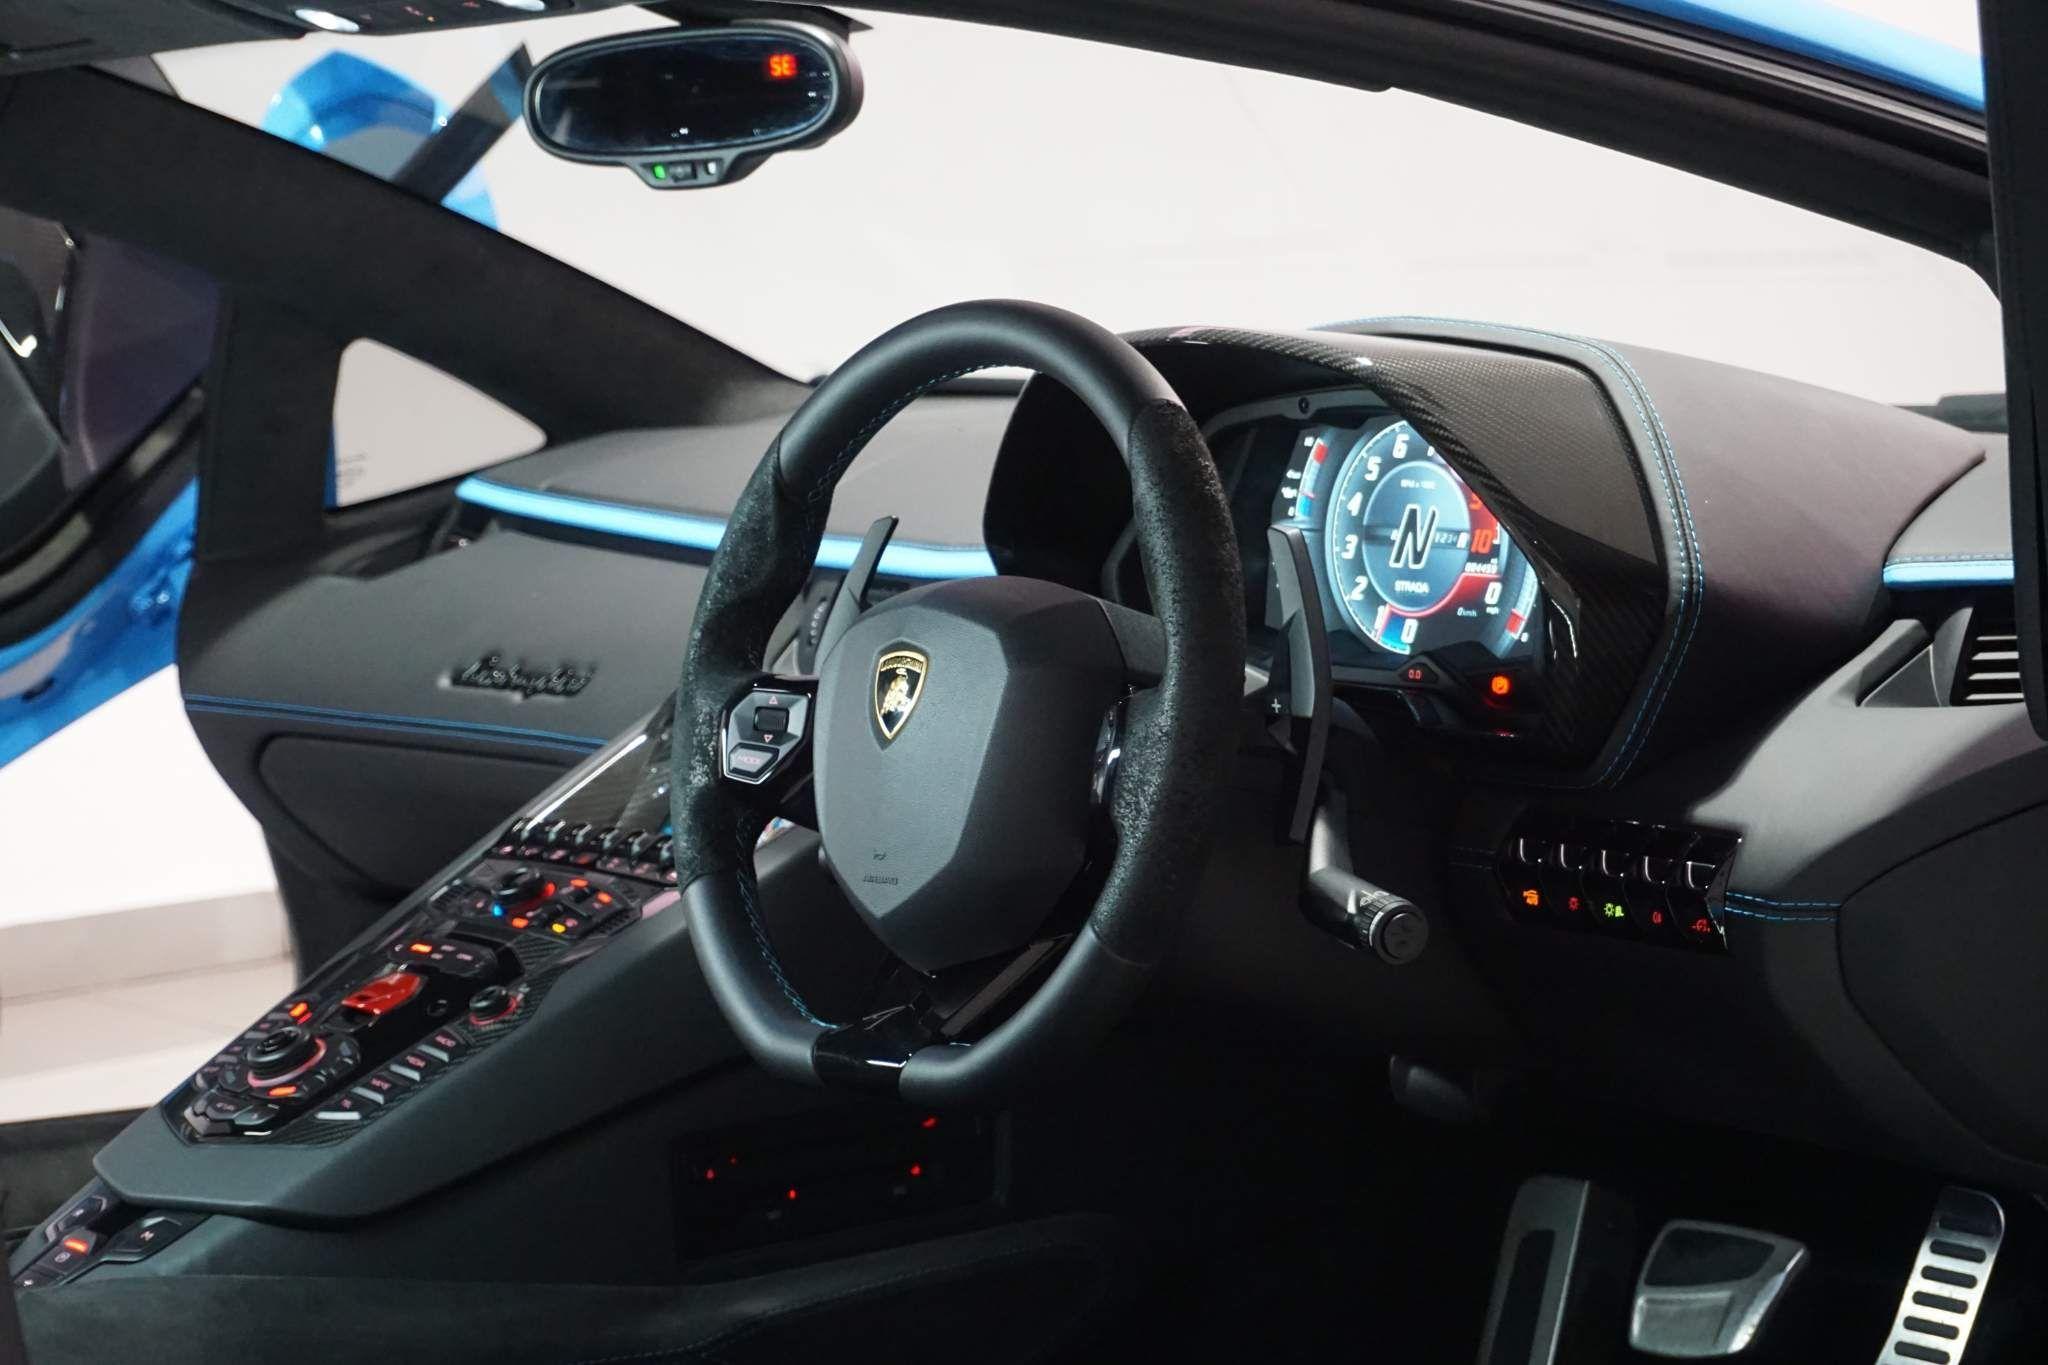 Lamborghini Aventador 6.5 V12 LP 740-4 S ISR 4WD 2dr